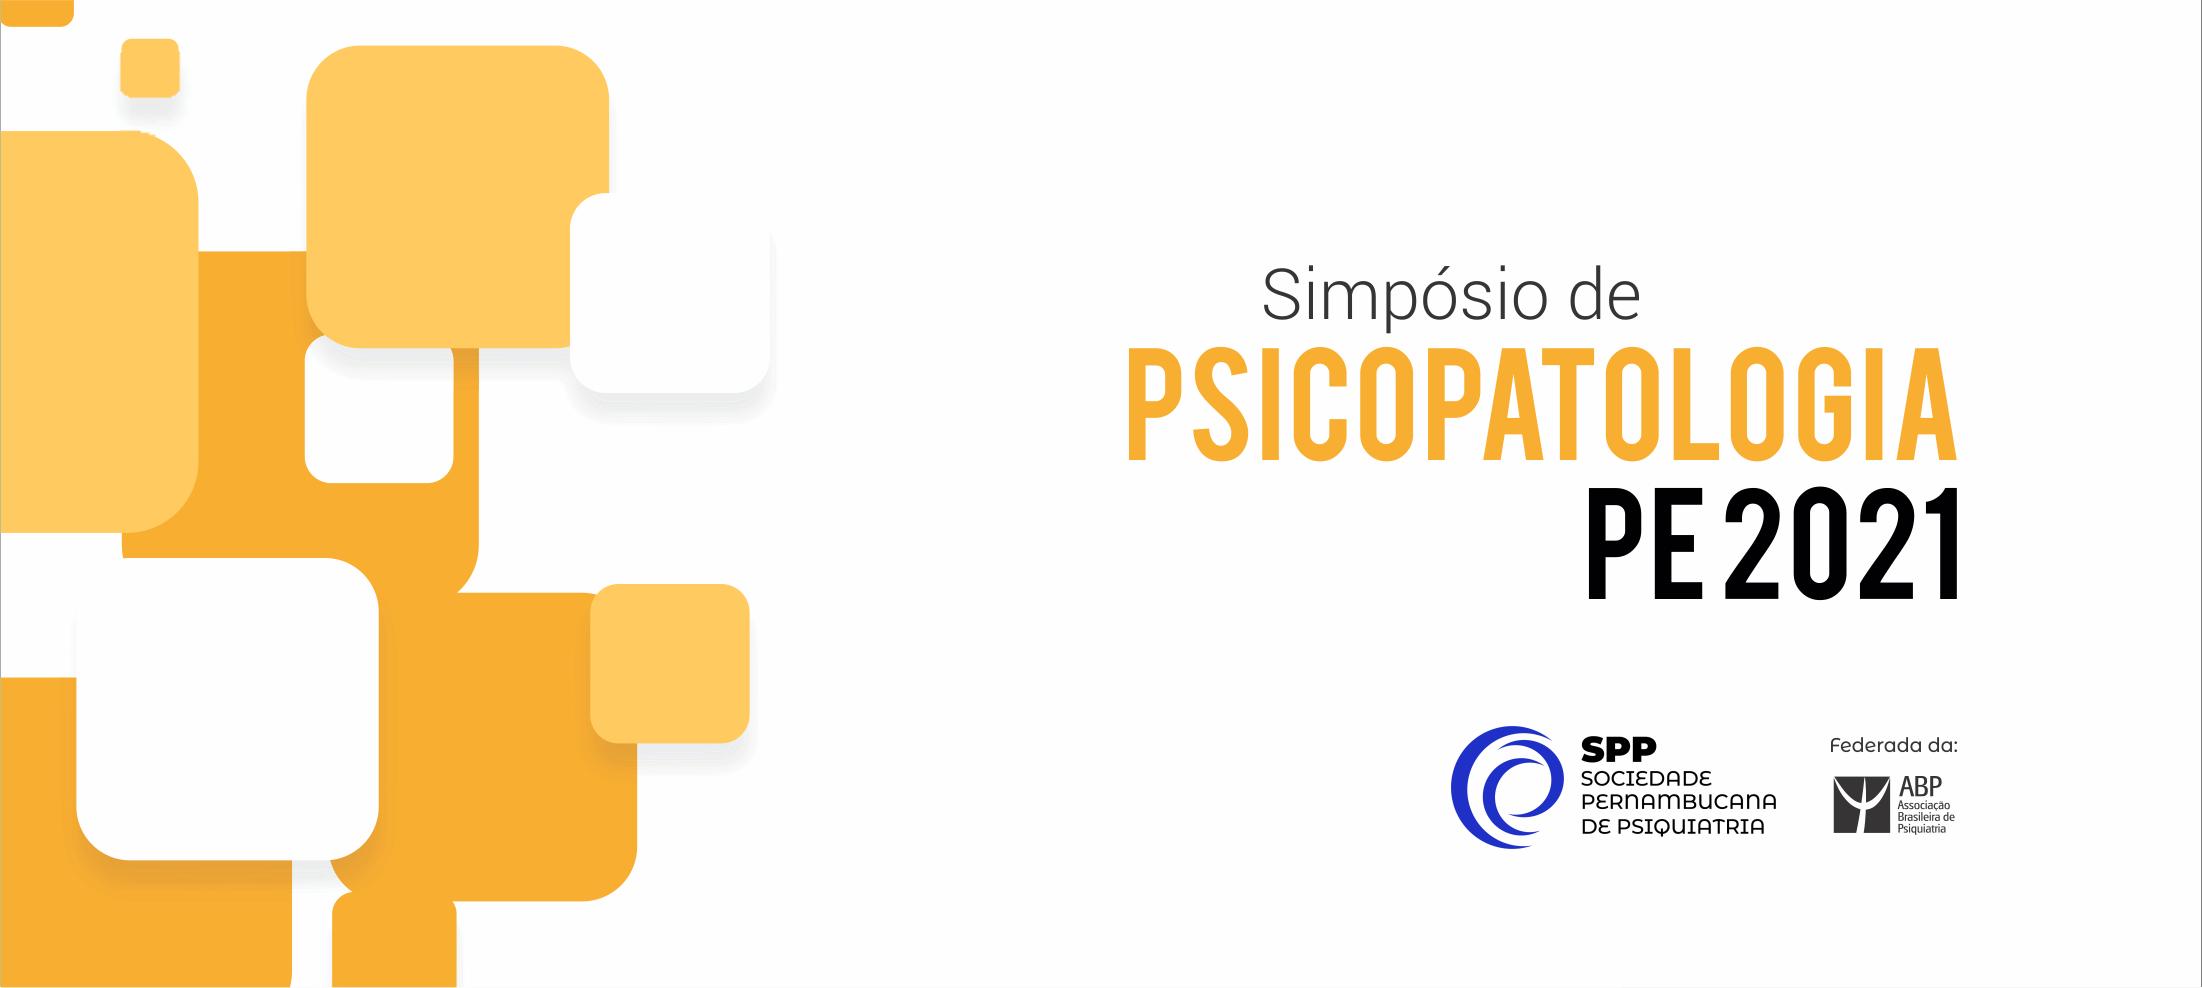 PSICOPATOLOGIAPE2021